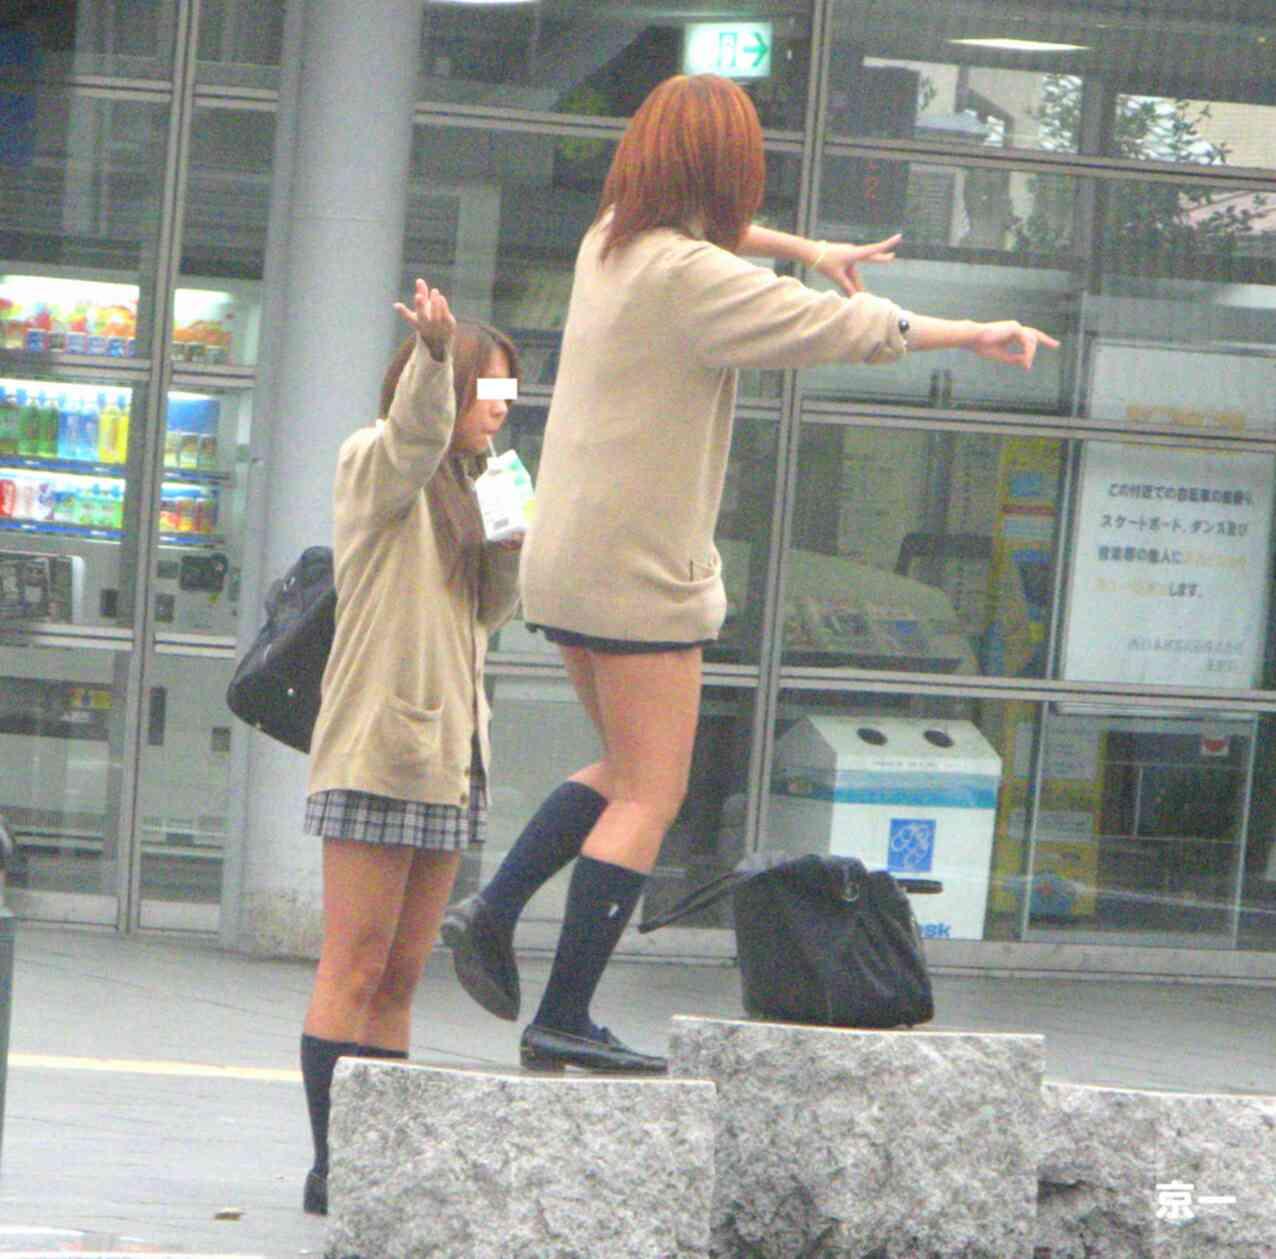 【カーディガンJKエロ画像】カーディガンにミニスカ!大胆に生脚を露出する秋の女子高生がめっちゃシコれるンゴwww その12